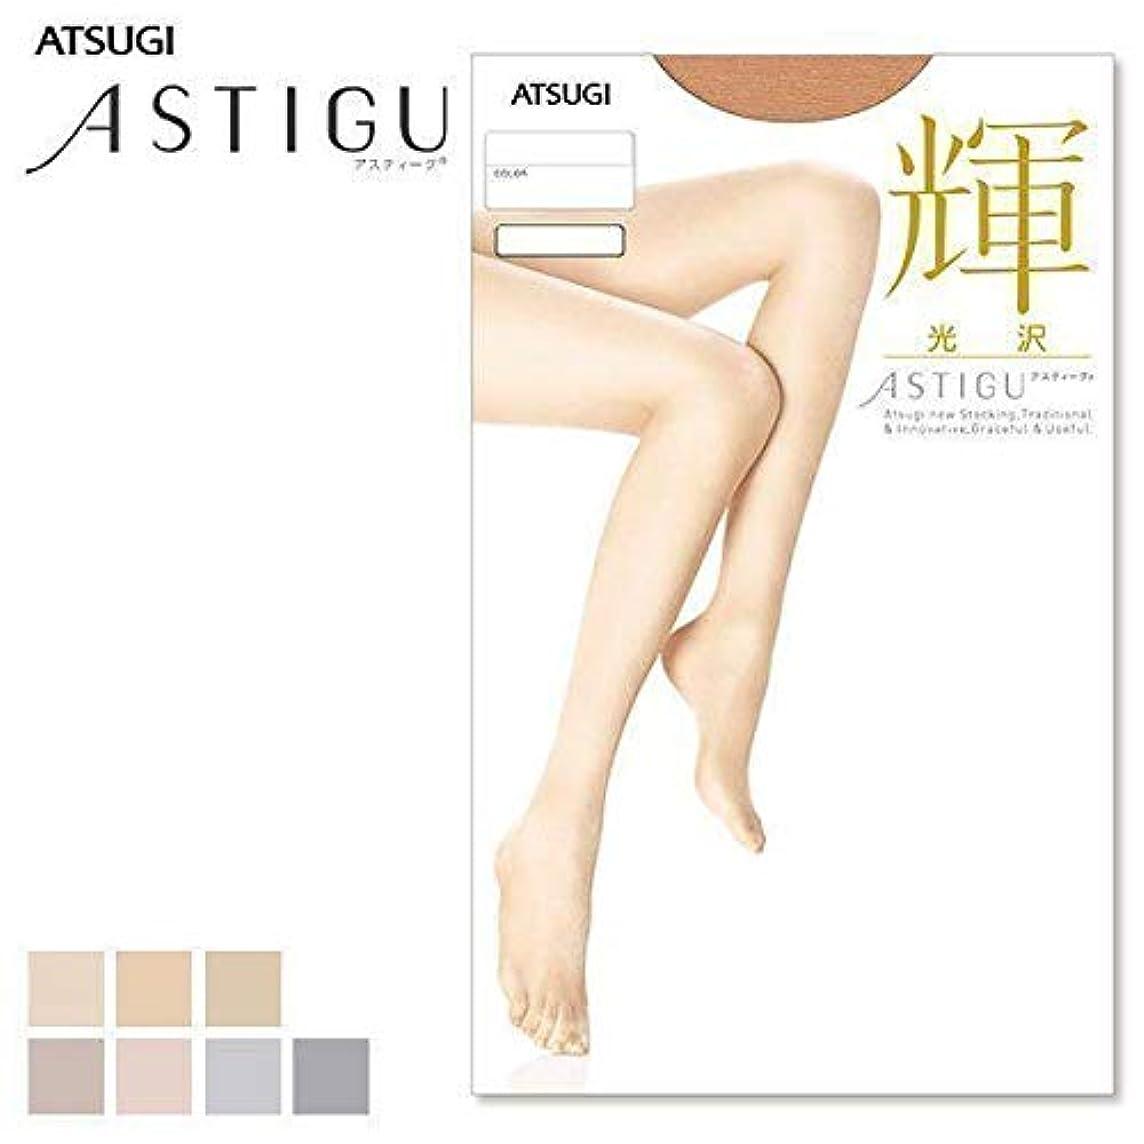 管理者最高職業アツギ ASTIGU(アスティーグ)輝(ヌーディベージュ)サイズ M~L